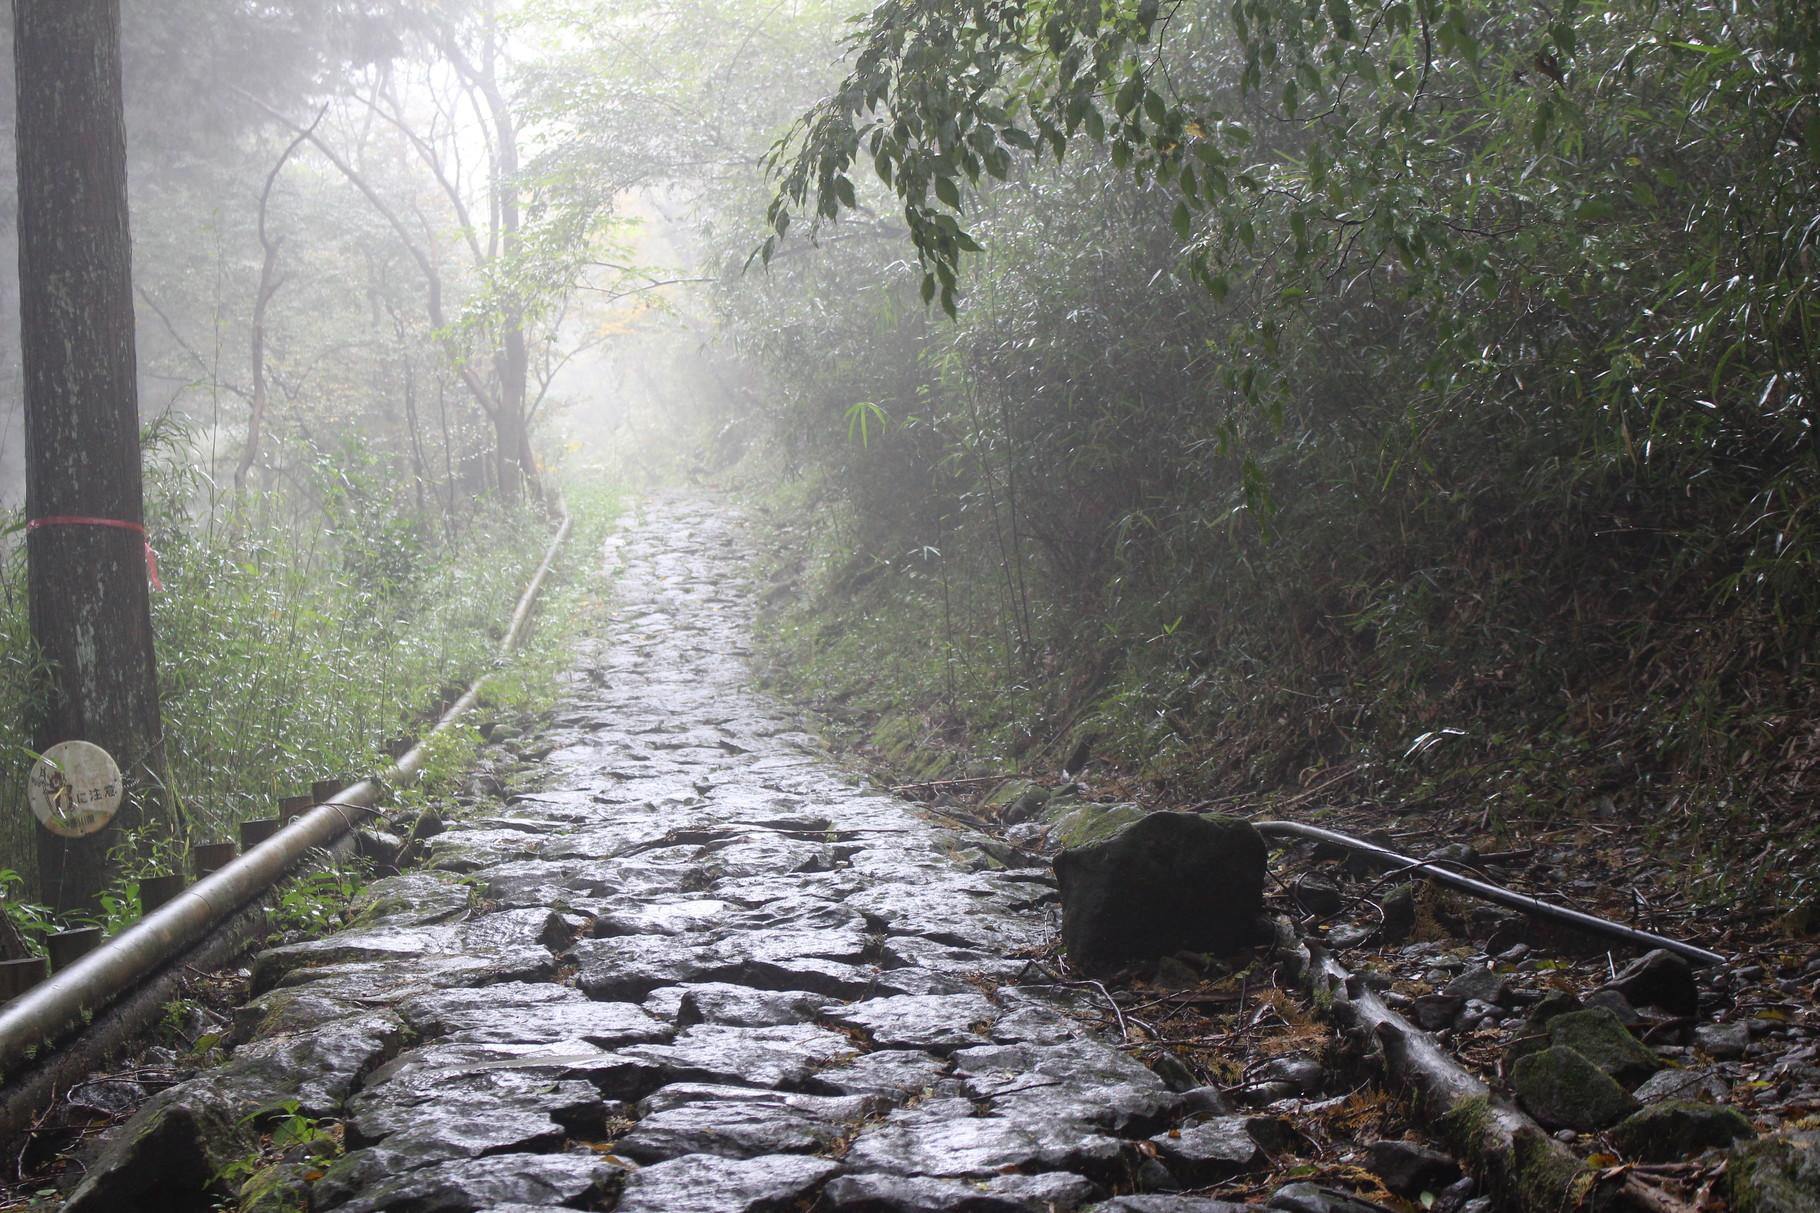 2015年10月に箱根へ社員研修旅行に行きました。 今年6月に箱根山の噴火がありましたが、安心して旅行を楽しみました。 写真は、箱根旧街道の石畳の記念撮影です。石材との関わりがありますので、こういった林道にある石畳に触れることは、石仕事にいい影響が出そうです。